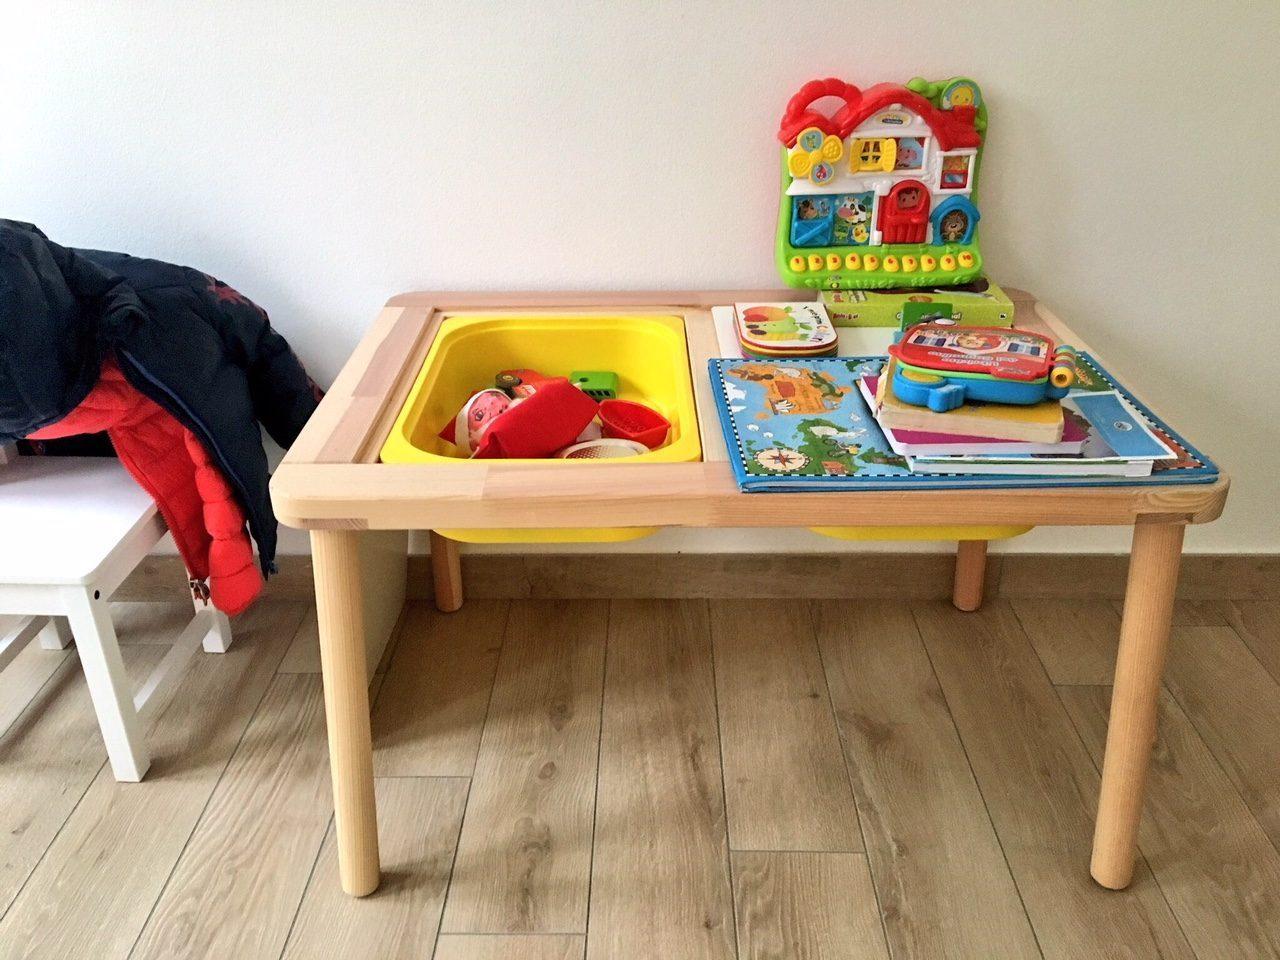 Letto montessoriano per bambini come crearlo con ikea a for Tavolo scorrevole letto ikea